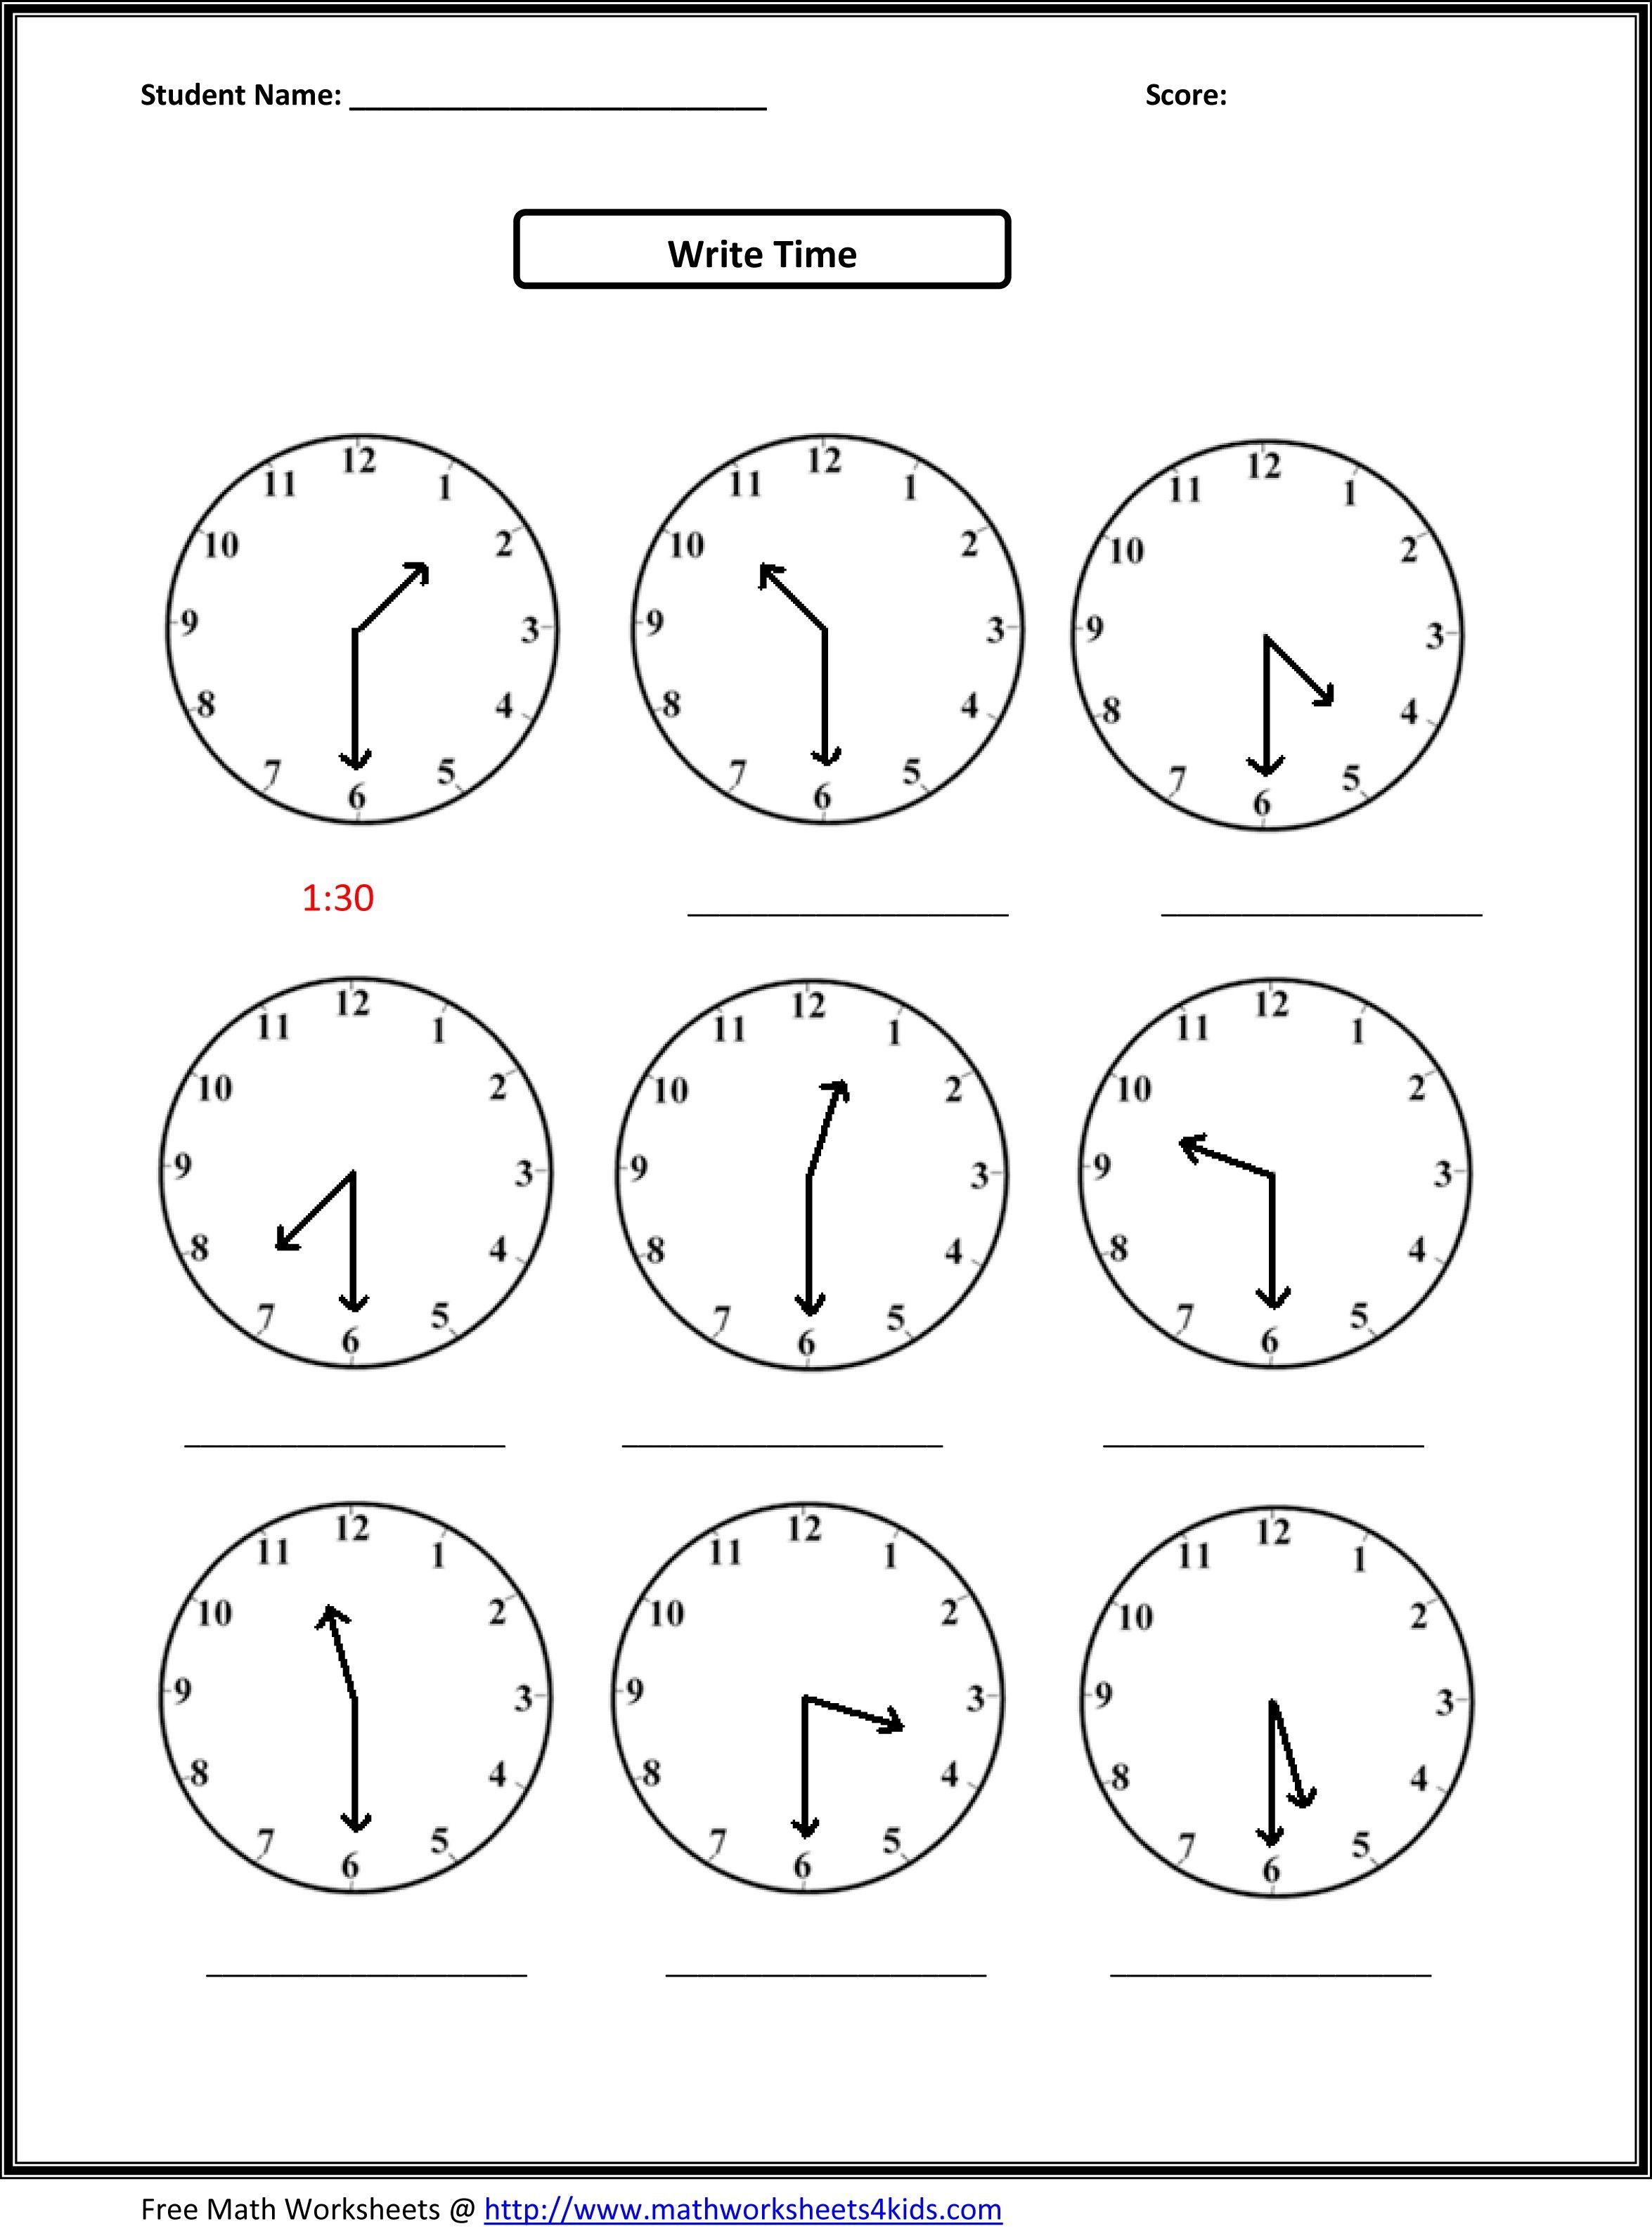 Time Worksheets Grade 5 [ 3174 x 2350 Pixel ]